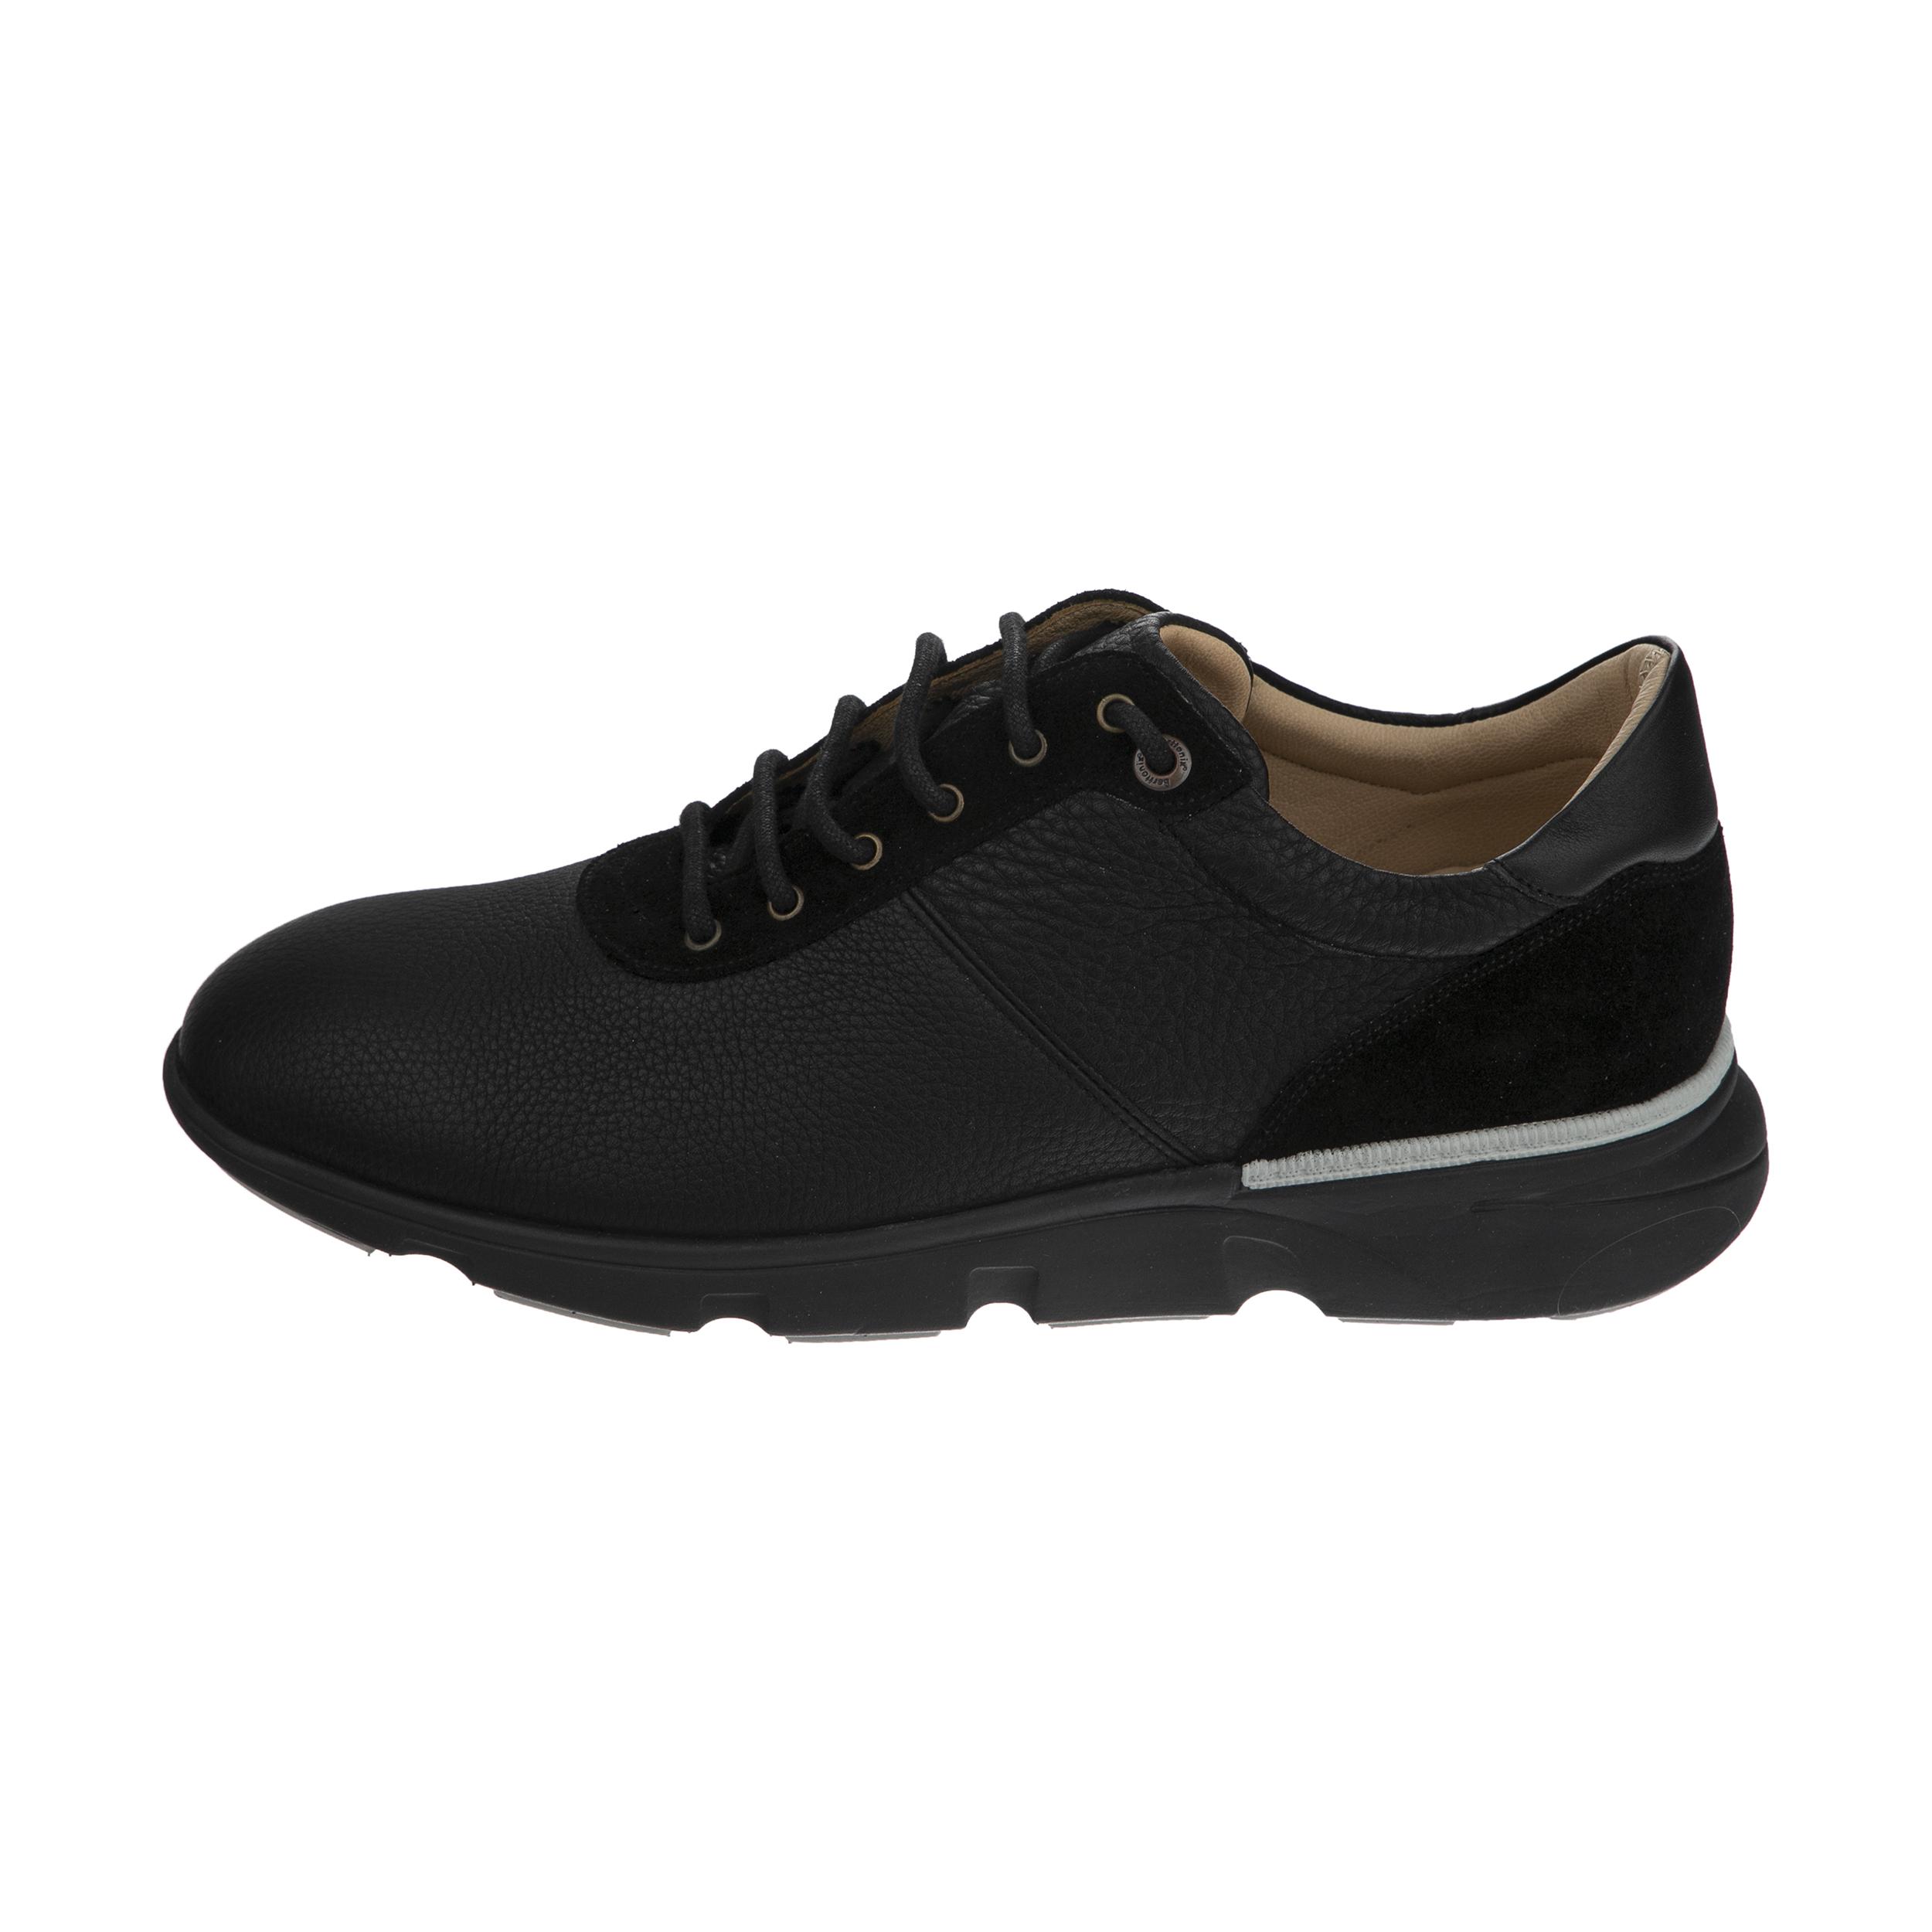 کفش روزمره مردانه برتونیکس مدل 870-B-27